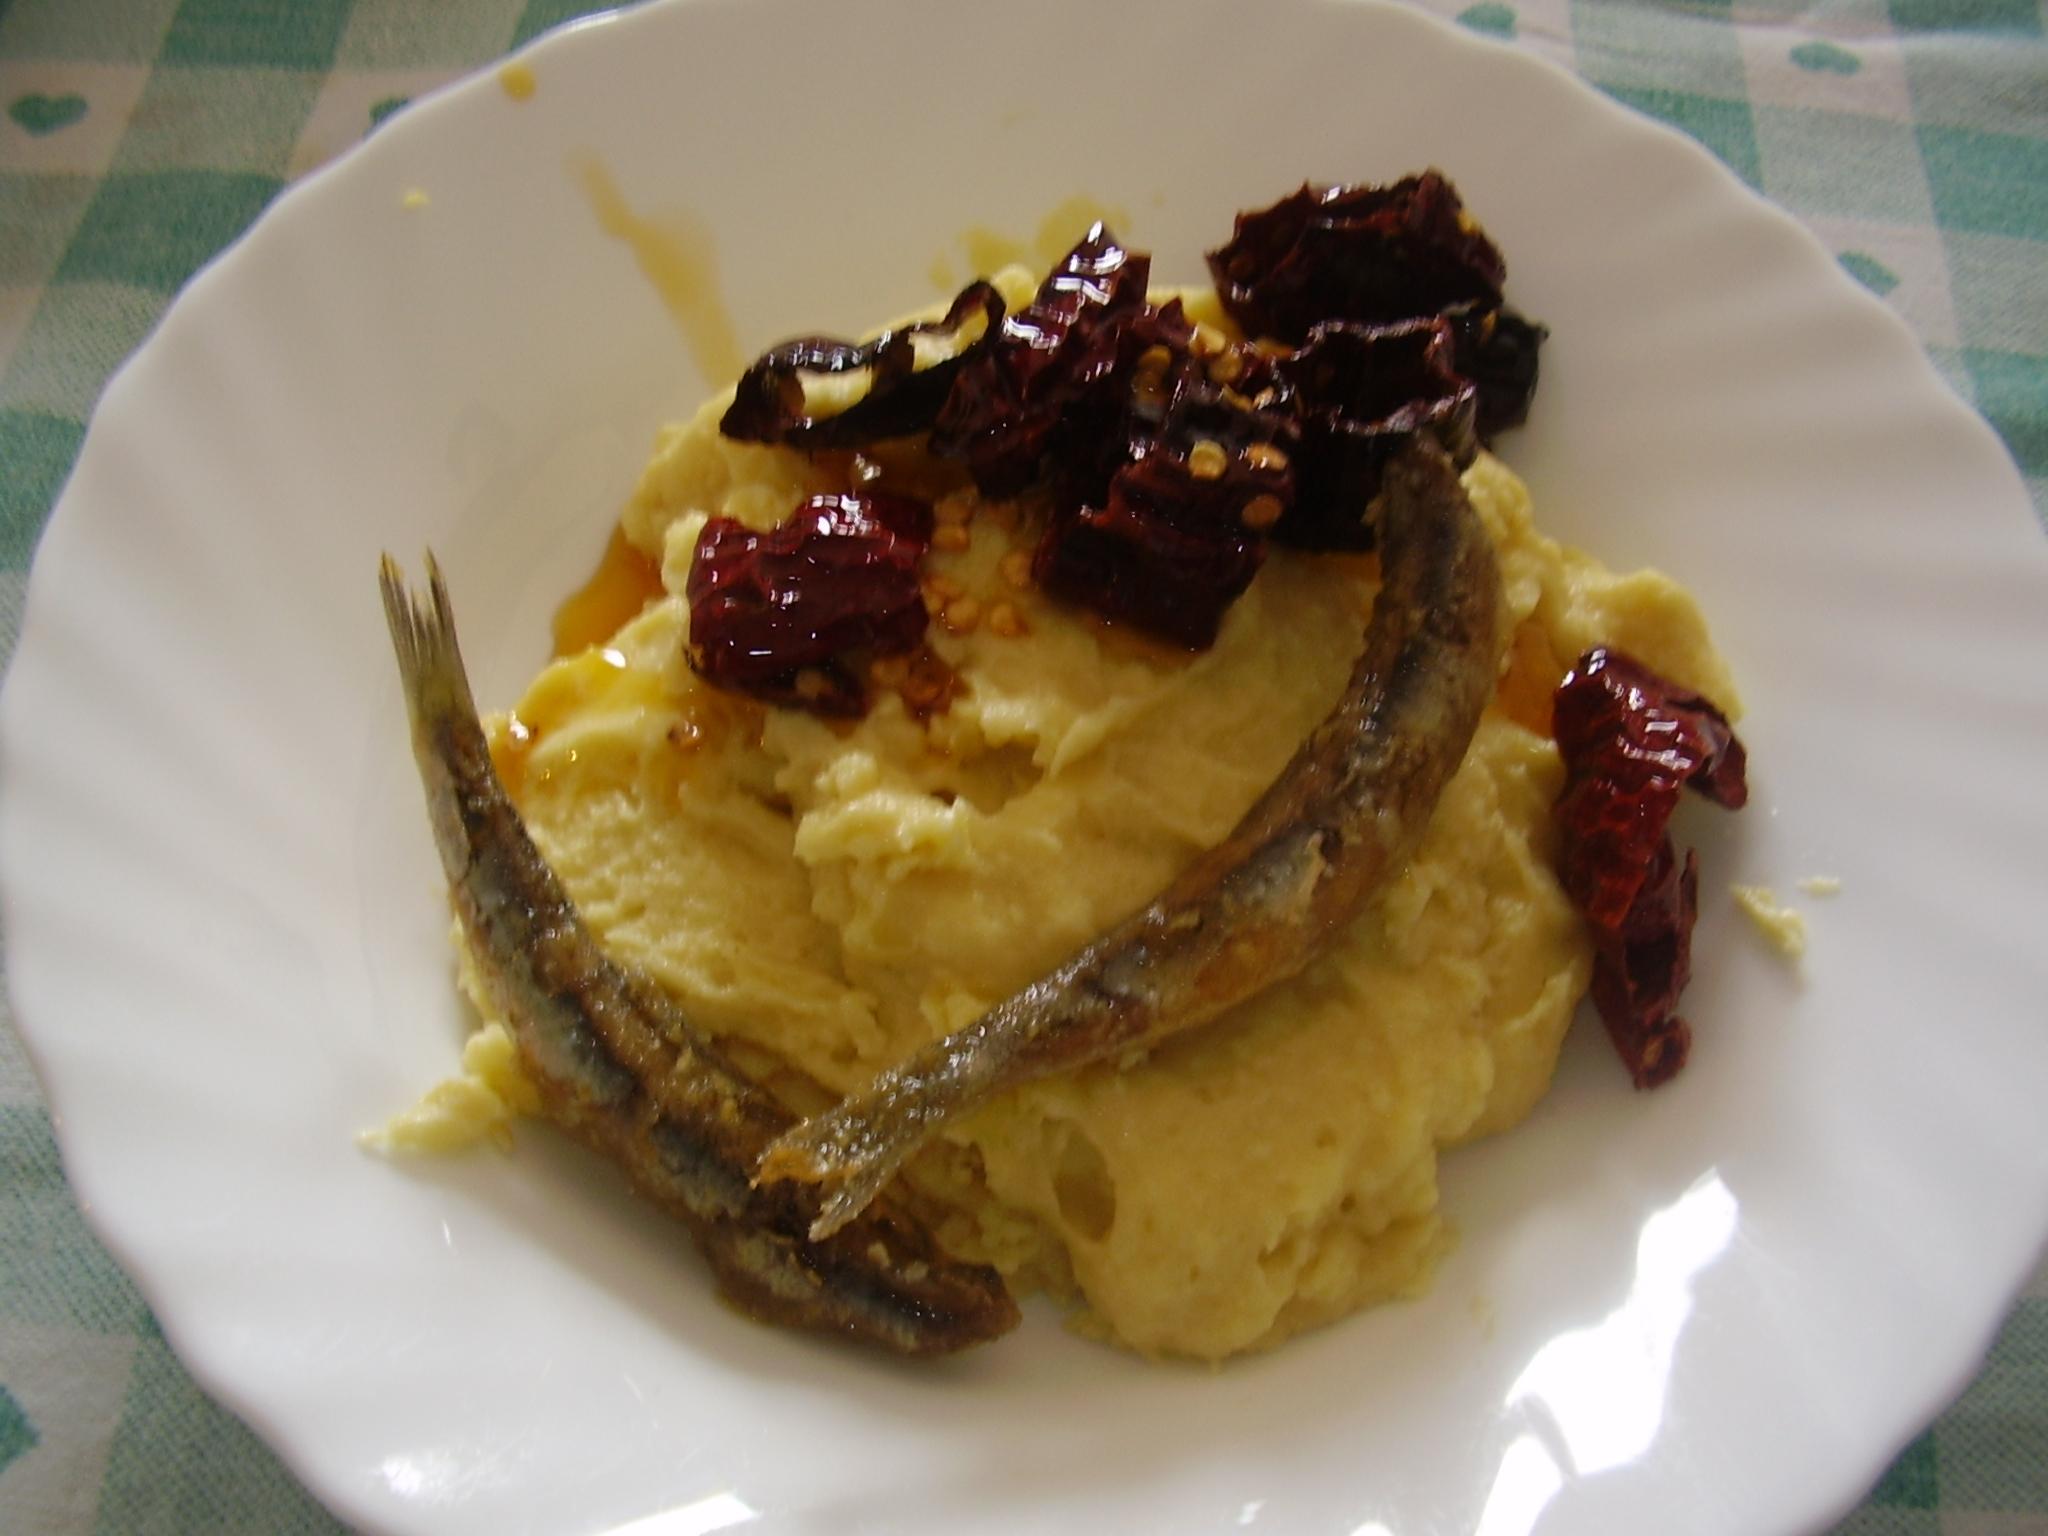 La fracchiata abruzzese la cucina azzurra di francesca for La cucina di francesca valmadonna